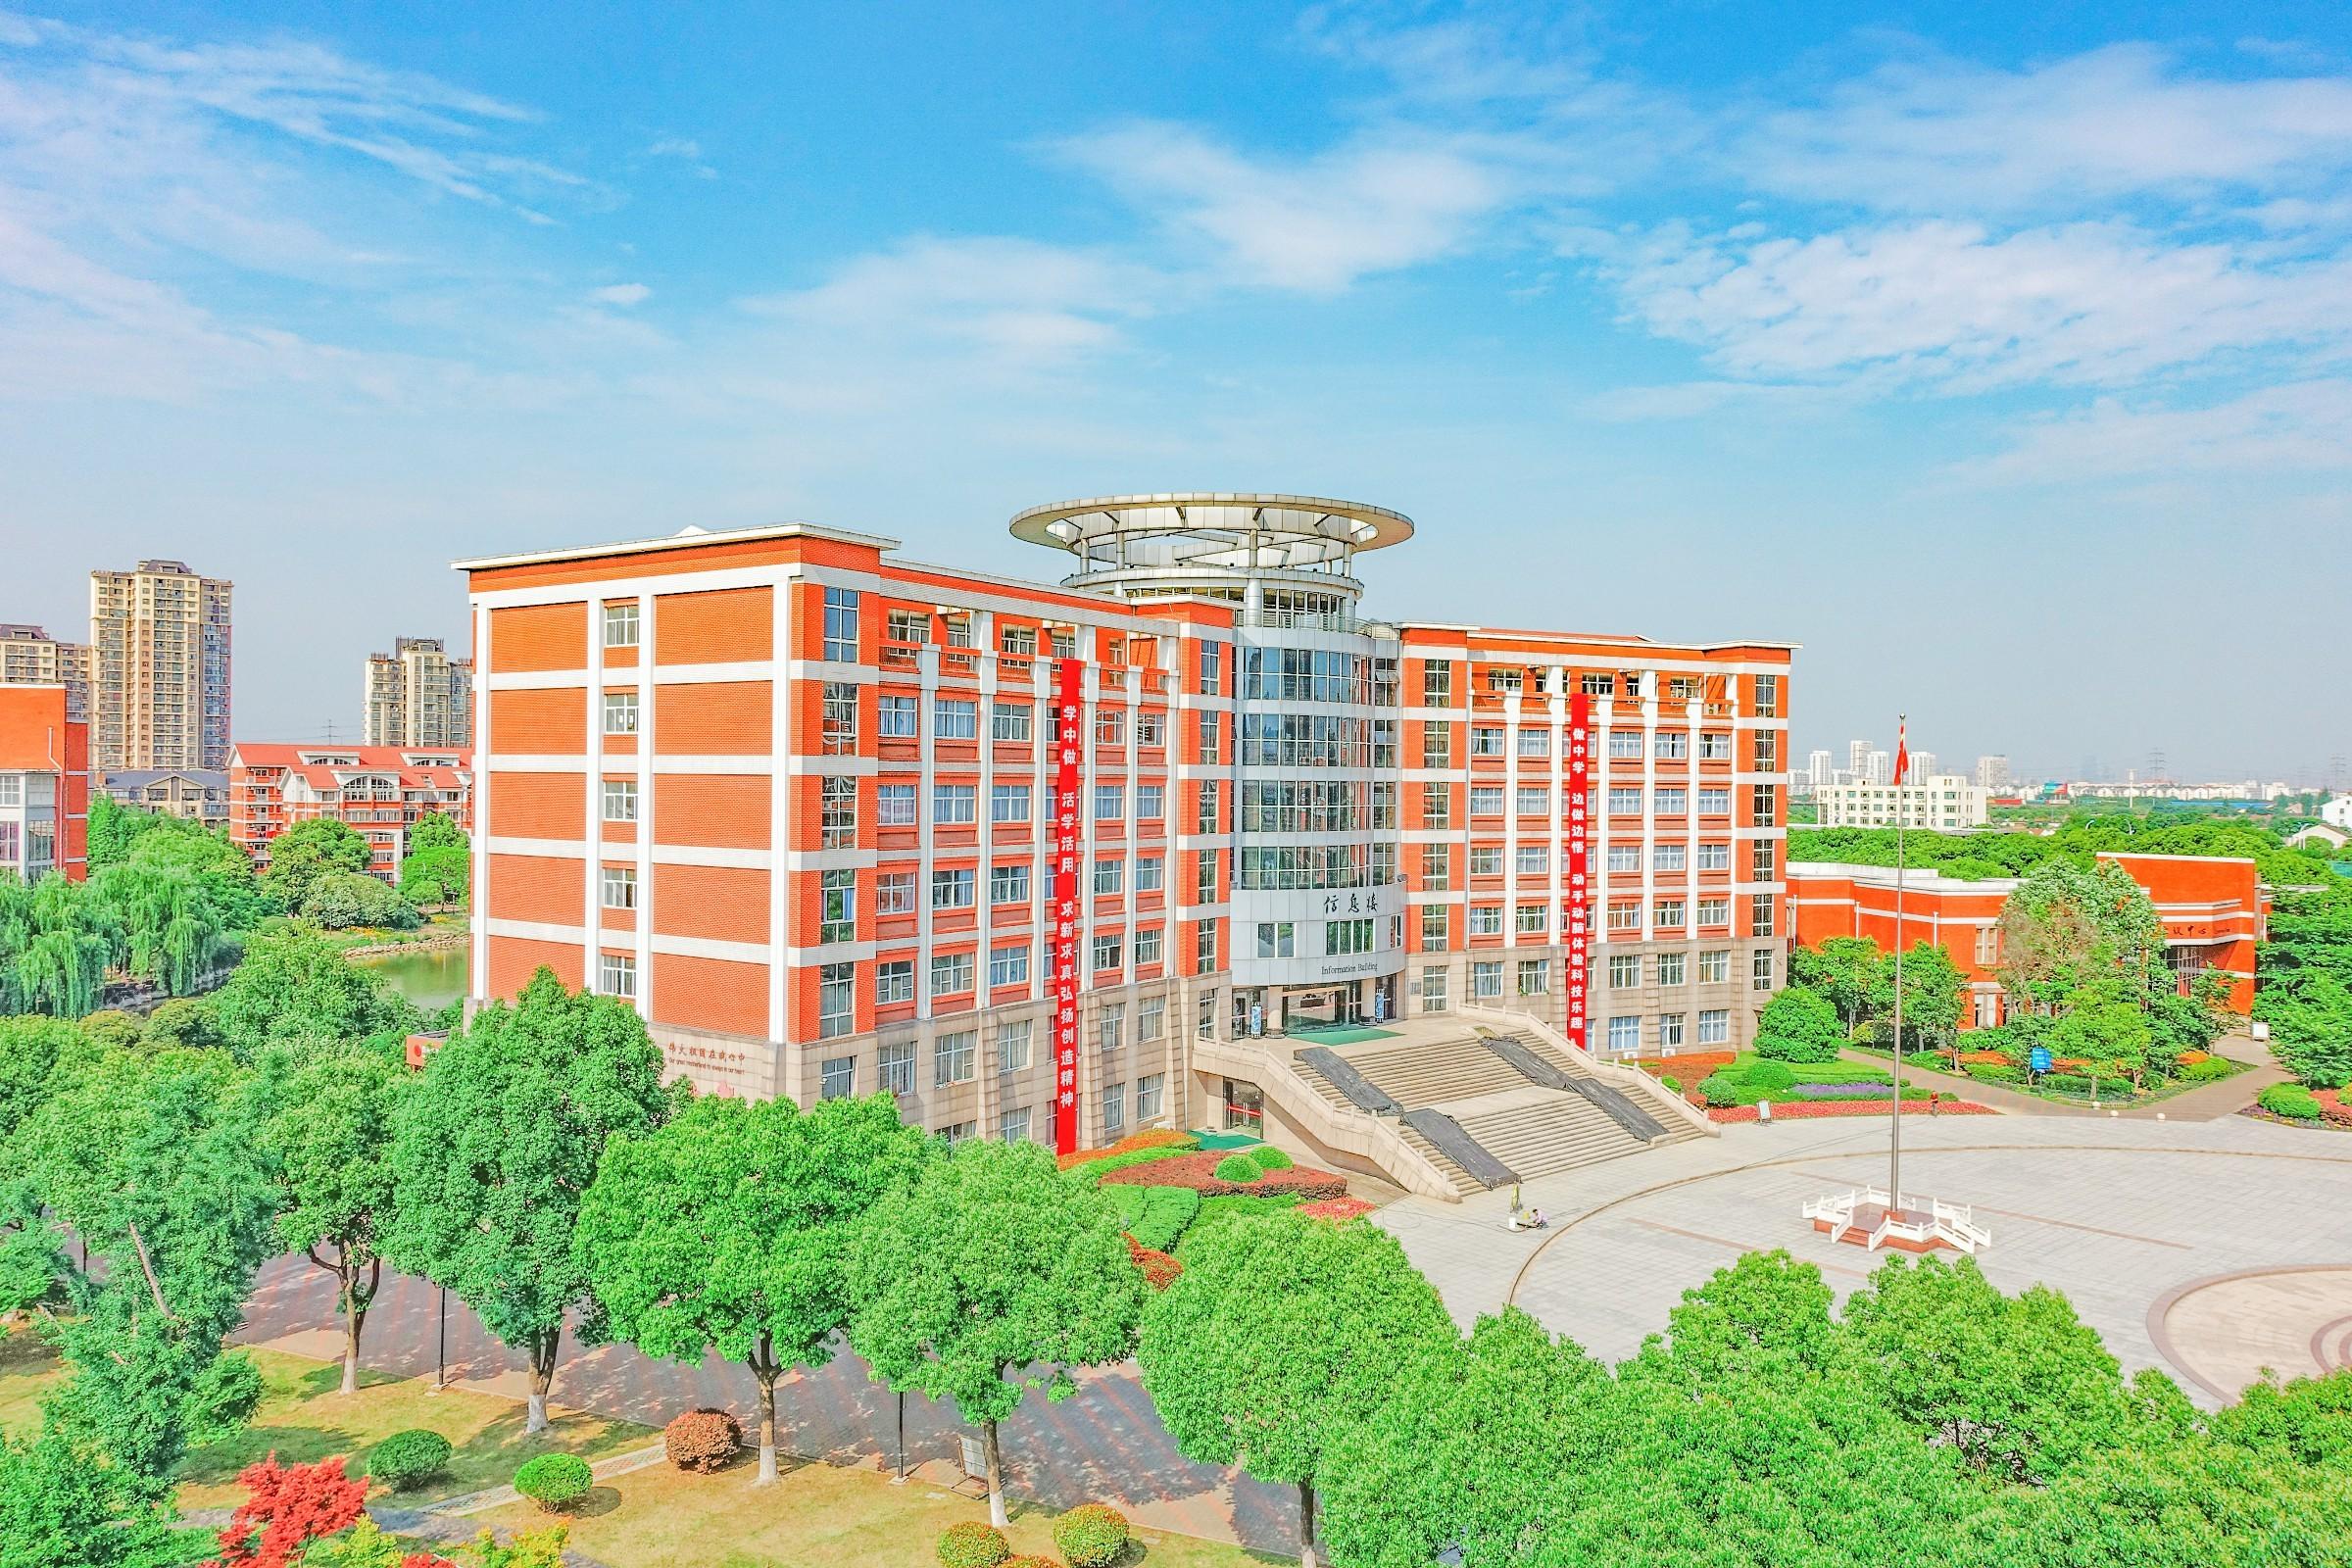 无锡天一高中武汉市2017中学毕业生图片